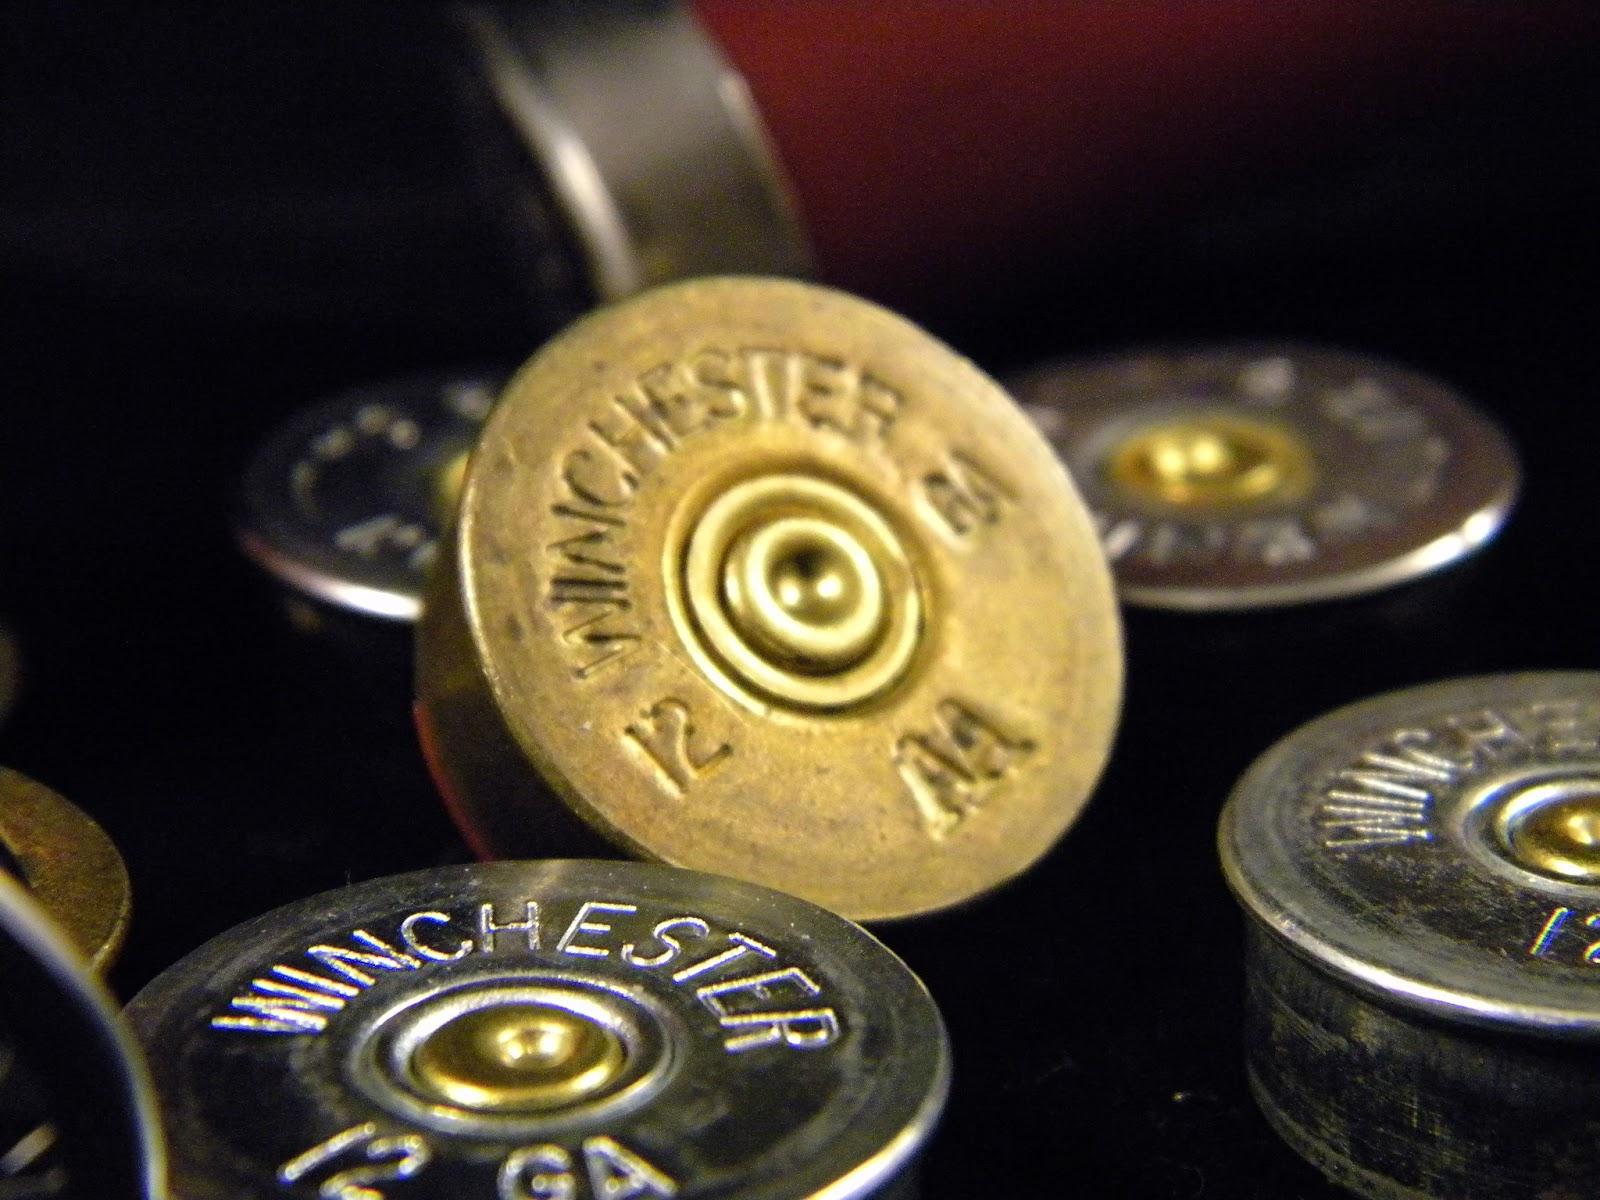 Shotgun Images Stock Photos amp Vectors  Shutterstock